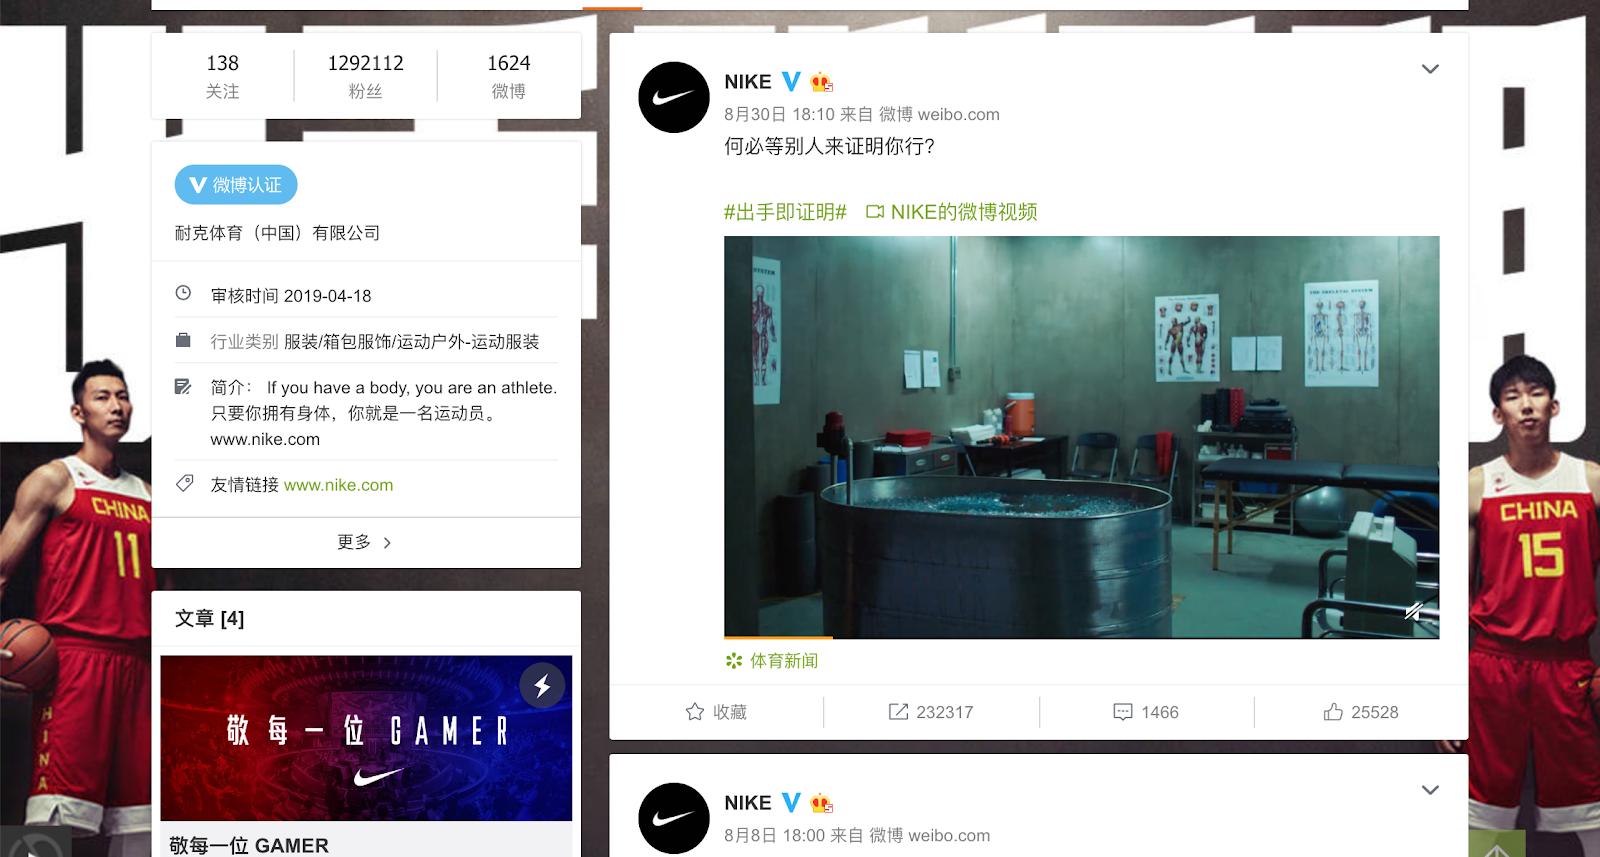 Global Marketing Strategy: Screenshot of Nike